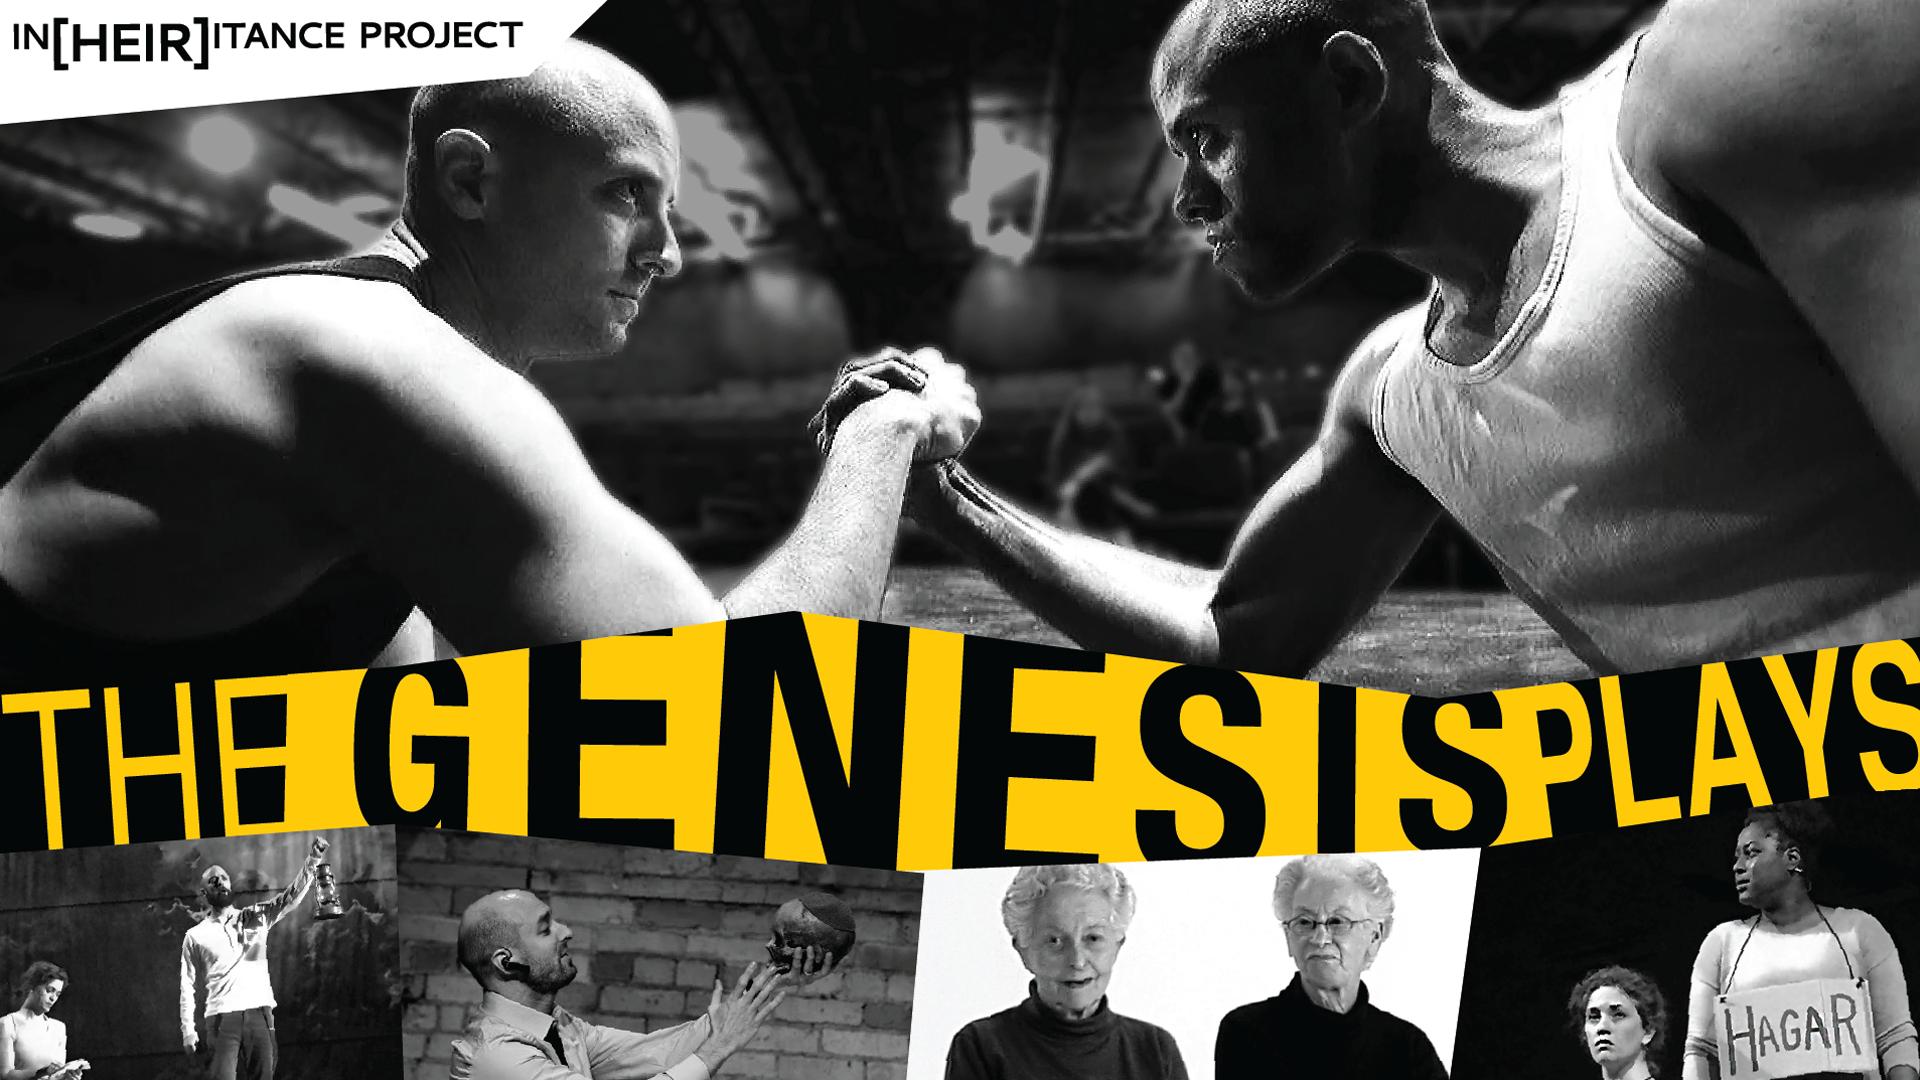 Genesis Plays